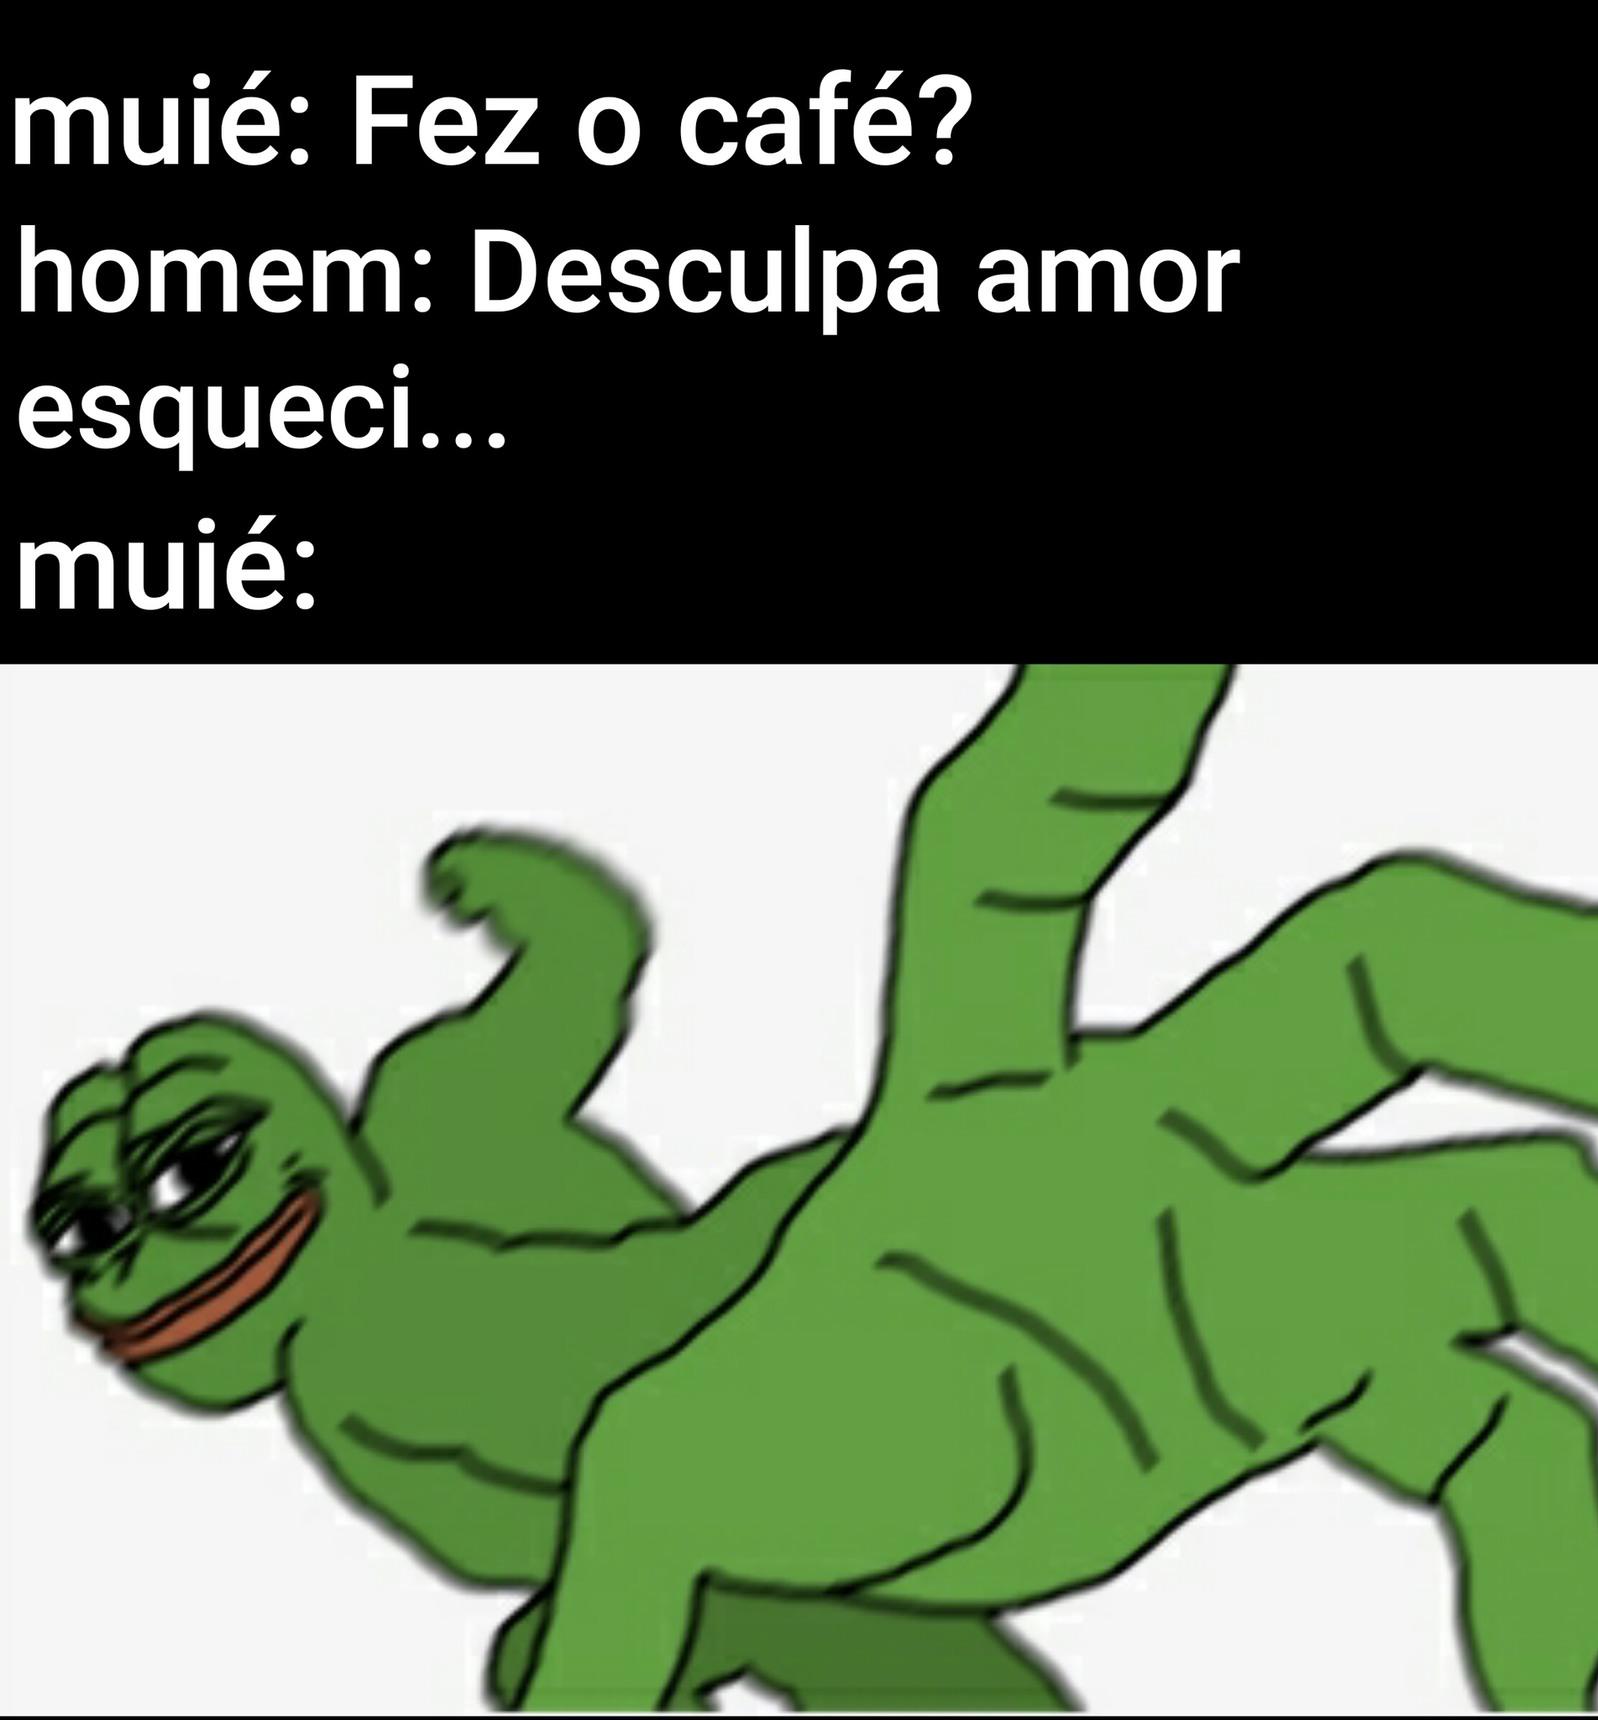 Faz o café - meme